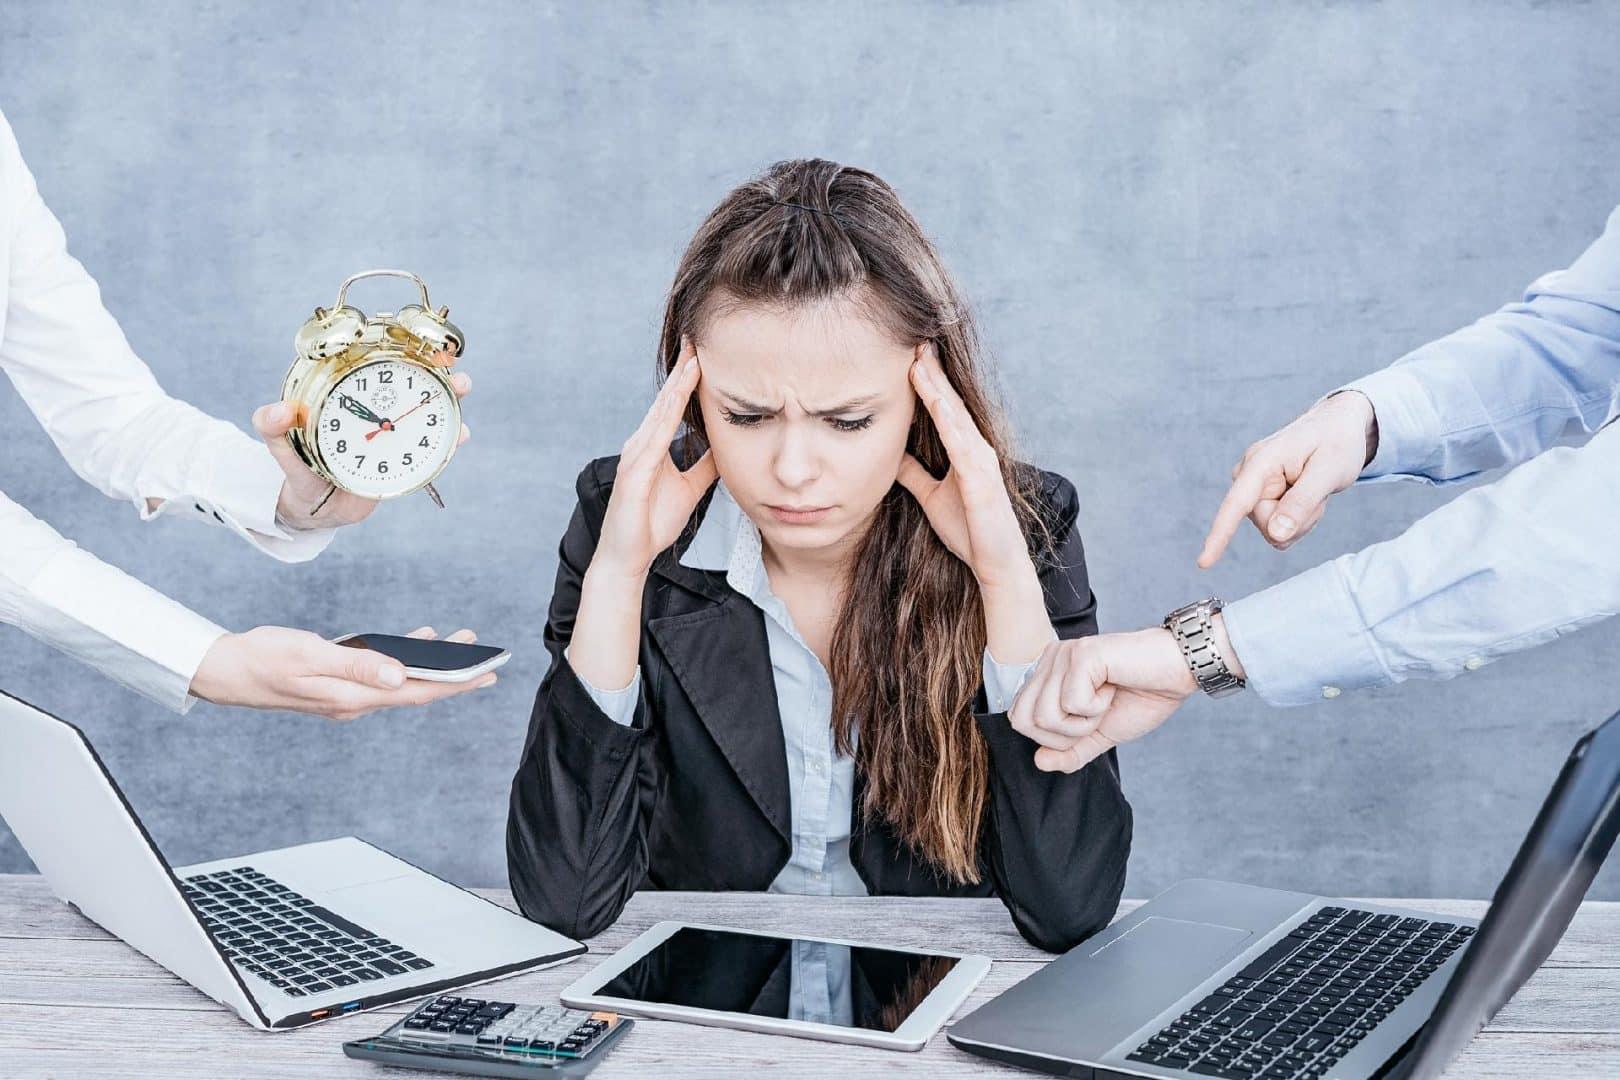 Você têm estresse com frequência? Descubra como acabar com ele